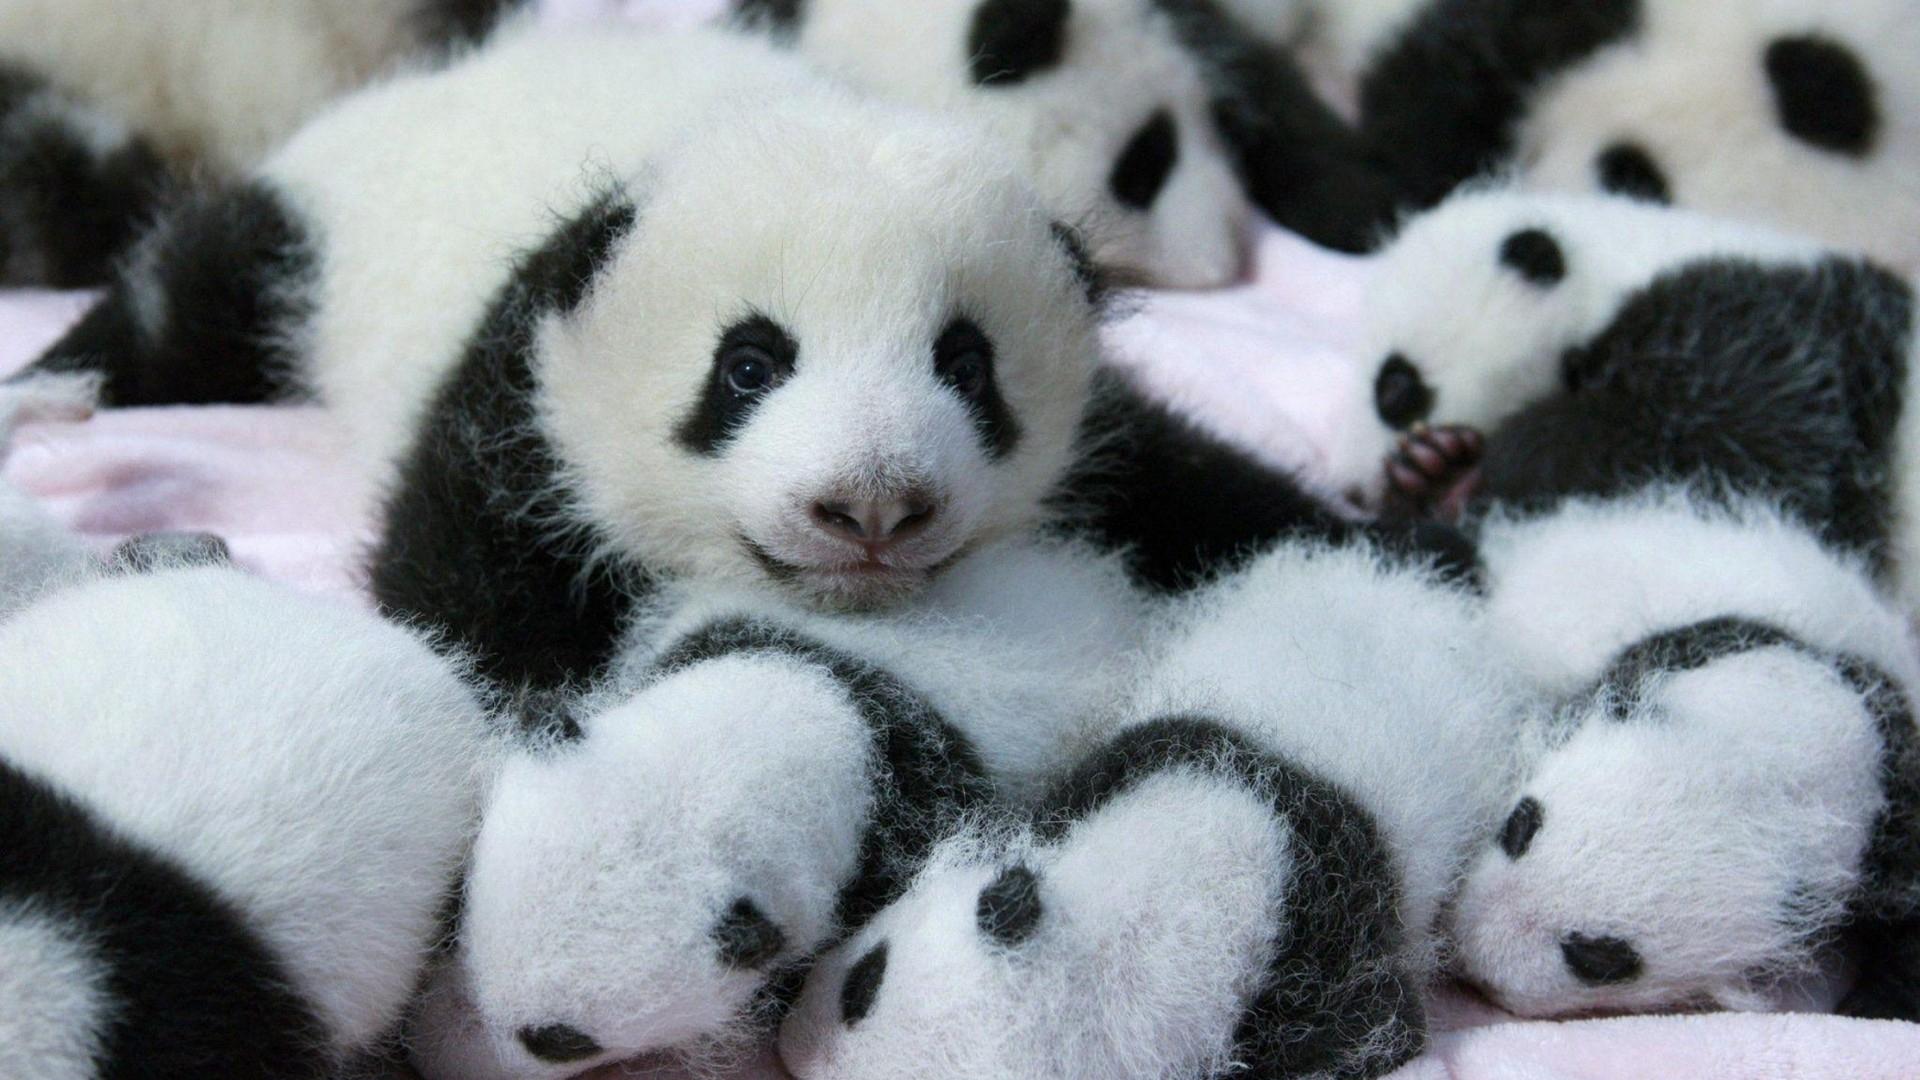 cute baby panda wallpaper - 2018 cute screensavers